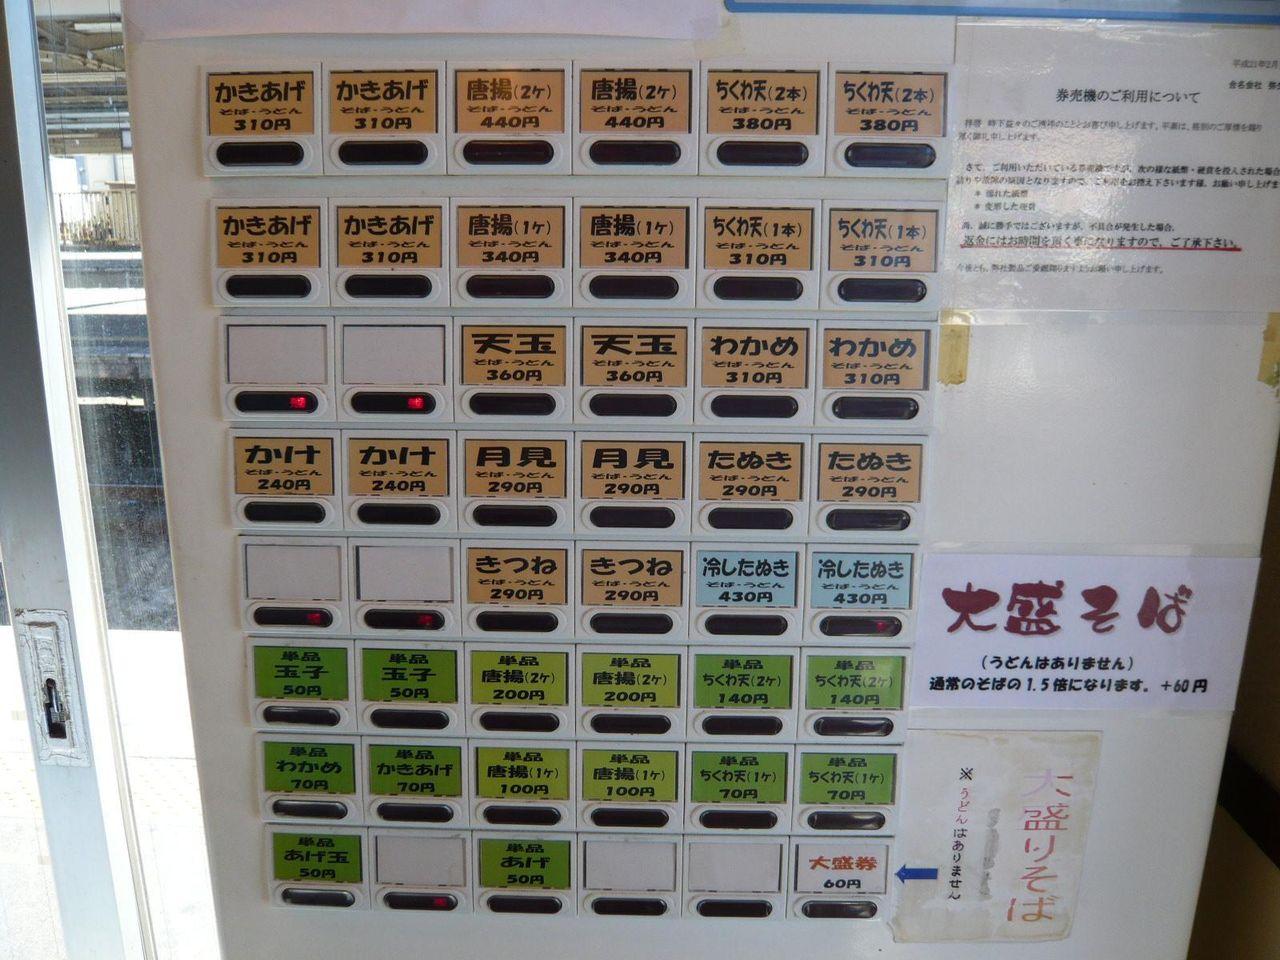 弥生軒5号店のメニュー(21年11月現在)